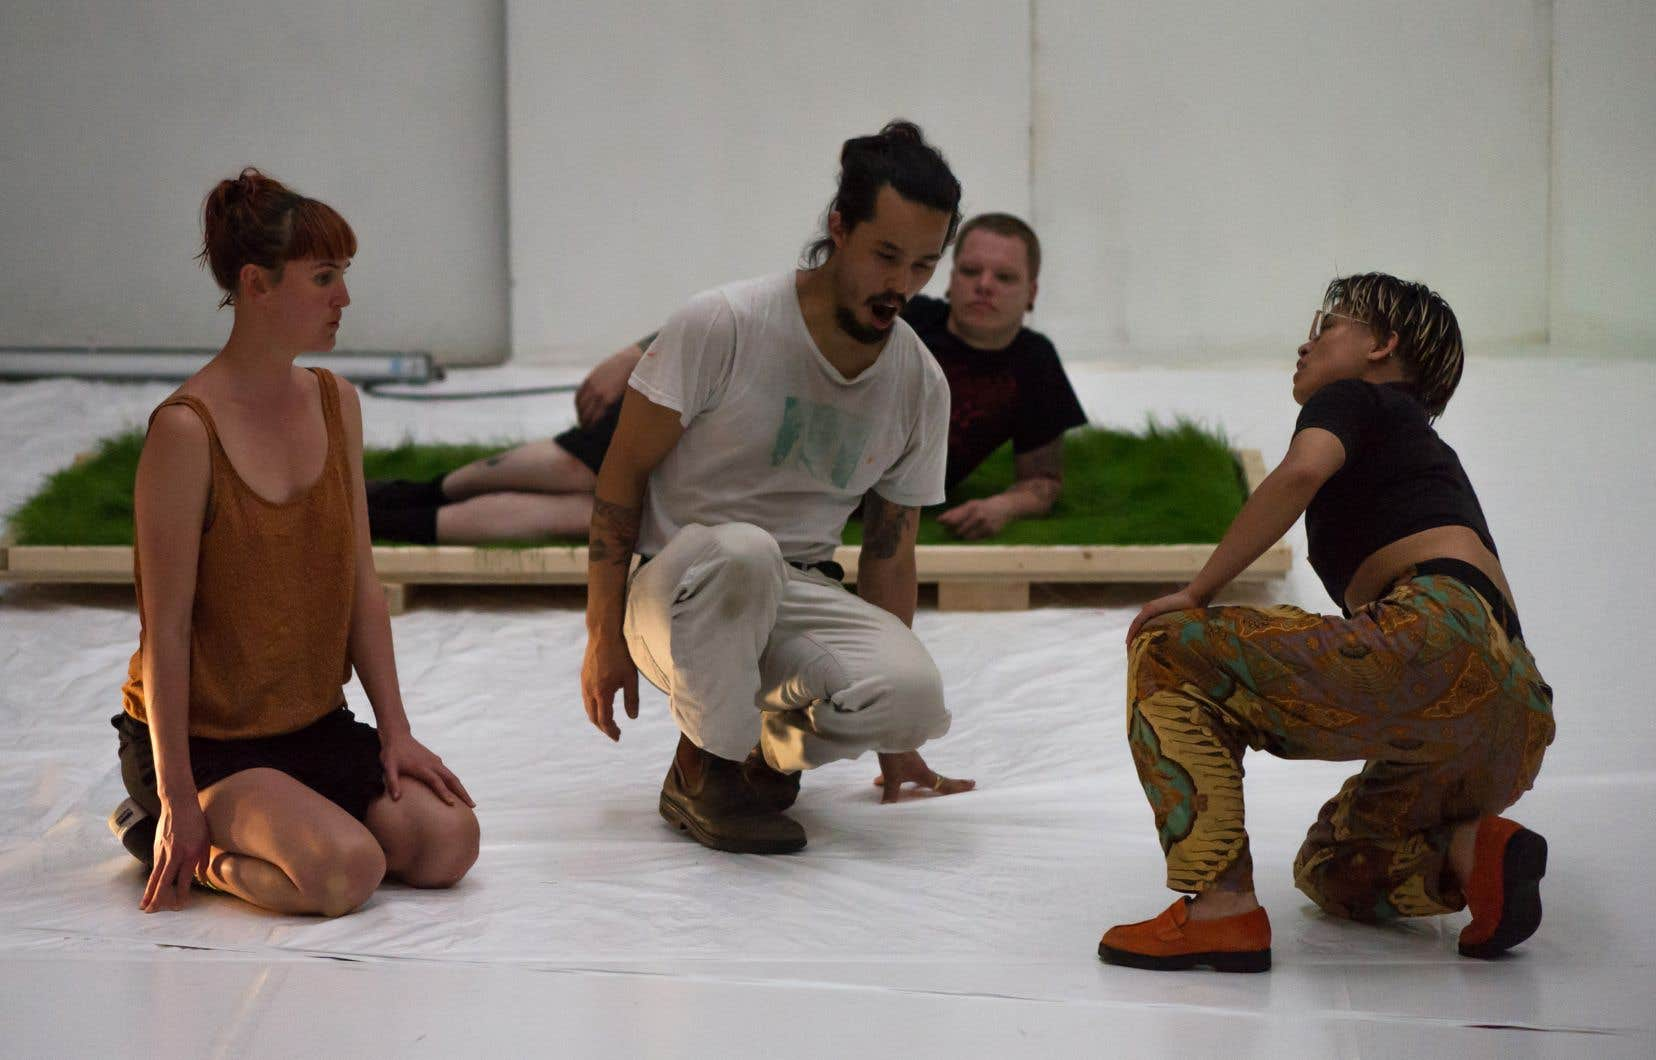 Basé à Montréal, mais menant une carrière internationale, le créateur Benjamin Kamino (au centre) poursuit un travail exploratoire sur les sensations corporelles et leurs manifestations dans le phénomène chorégraphique.